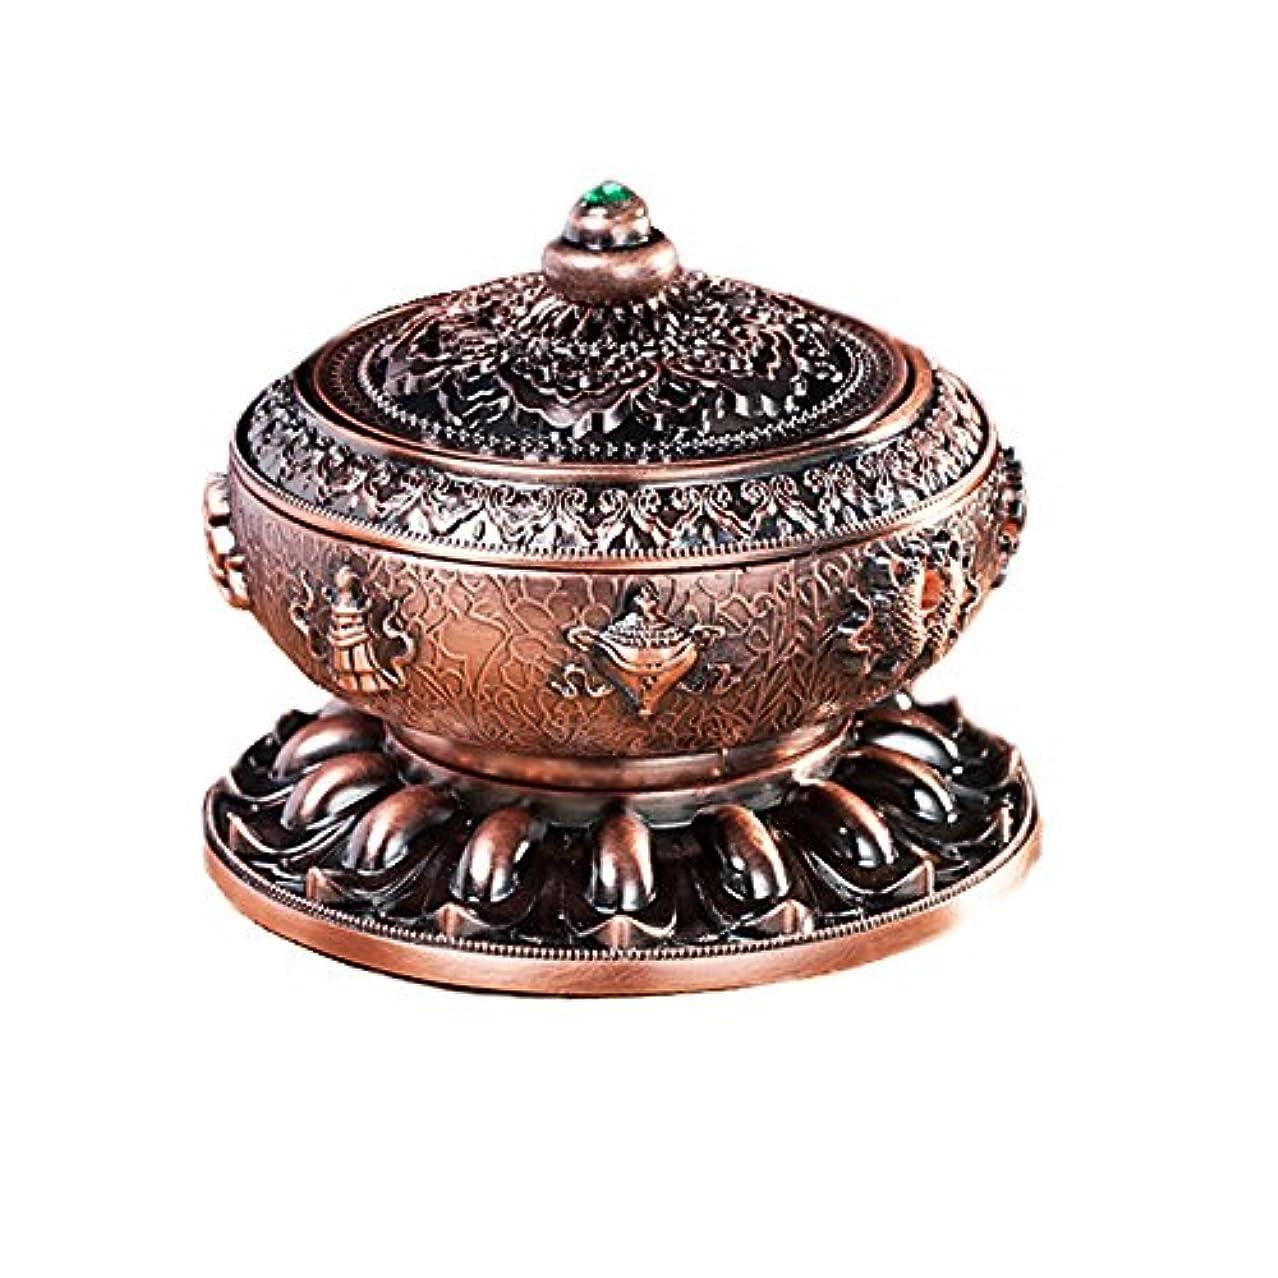 コンデンサー色空洞BUYSEEY 香炉 青銅 ブロンズ 丸香炉 お香立て 渦巻き線香 などに 香立て付き アロマ(S)